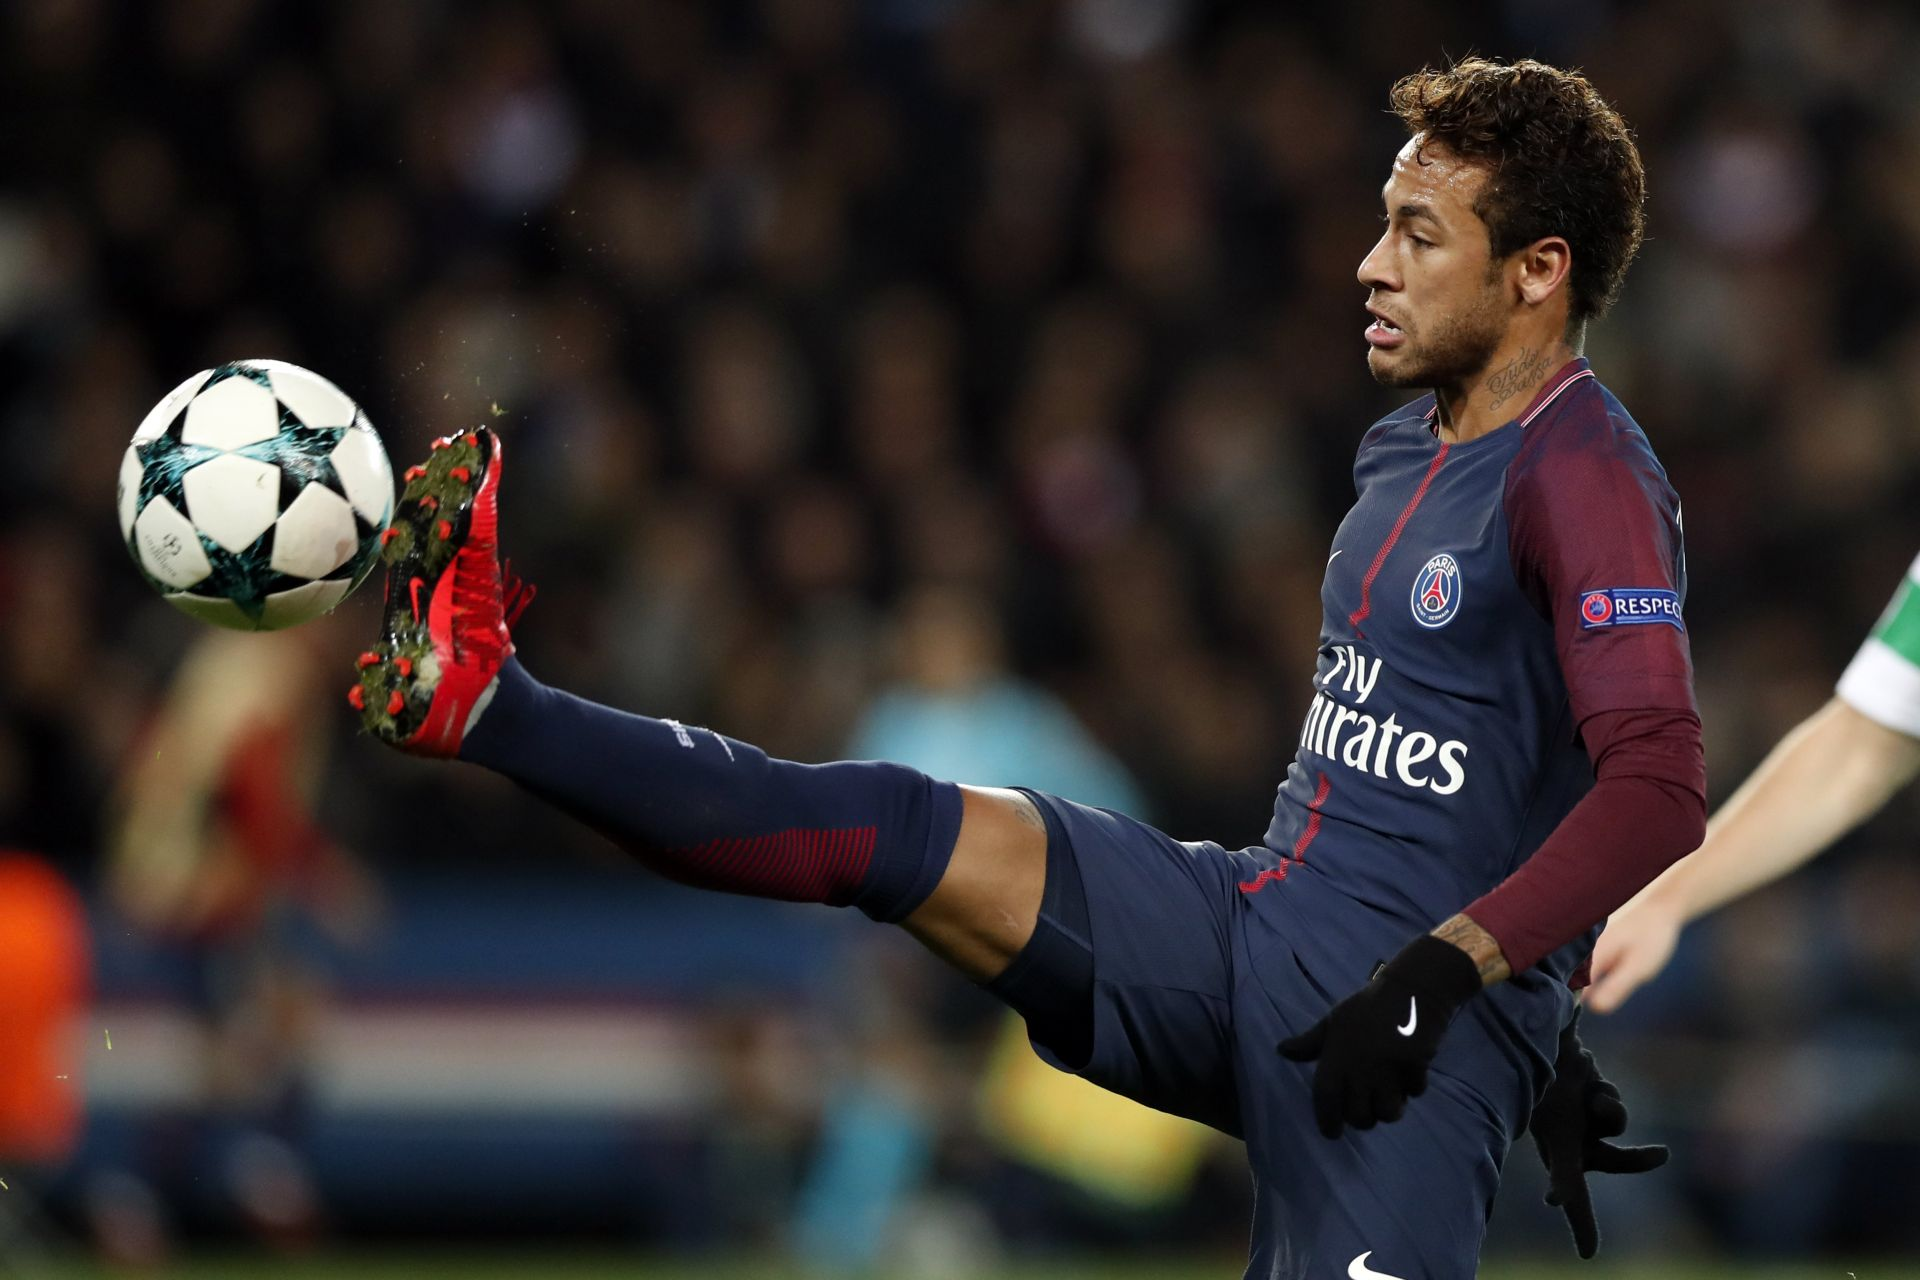 El delantero de PSG Neymar Jr. en acción